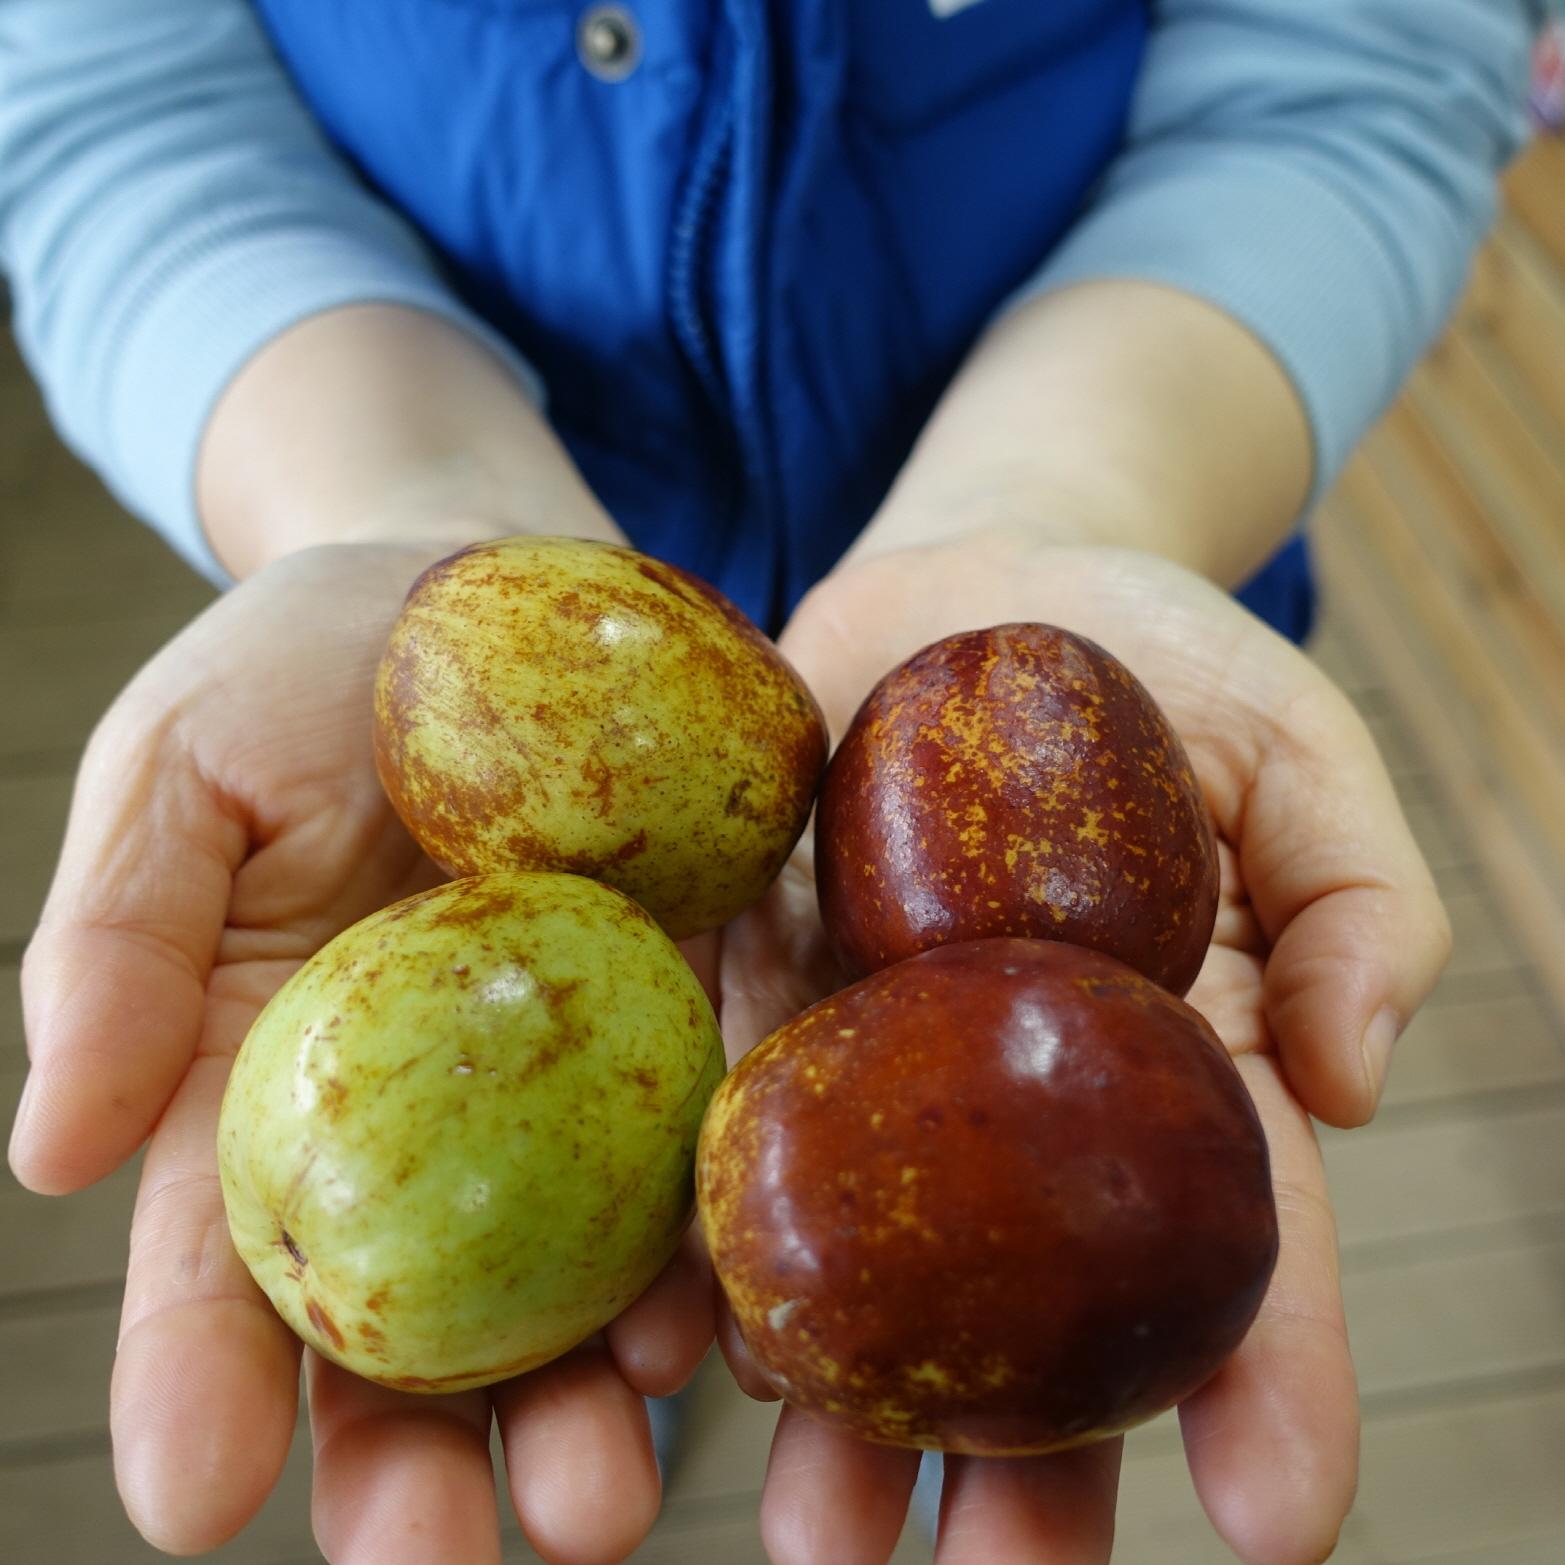 대추(대왕) 열매 모습